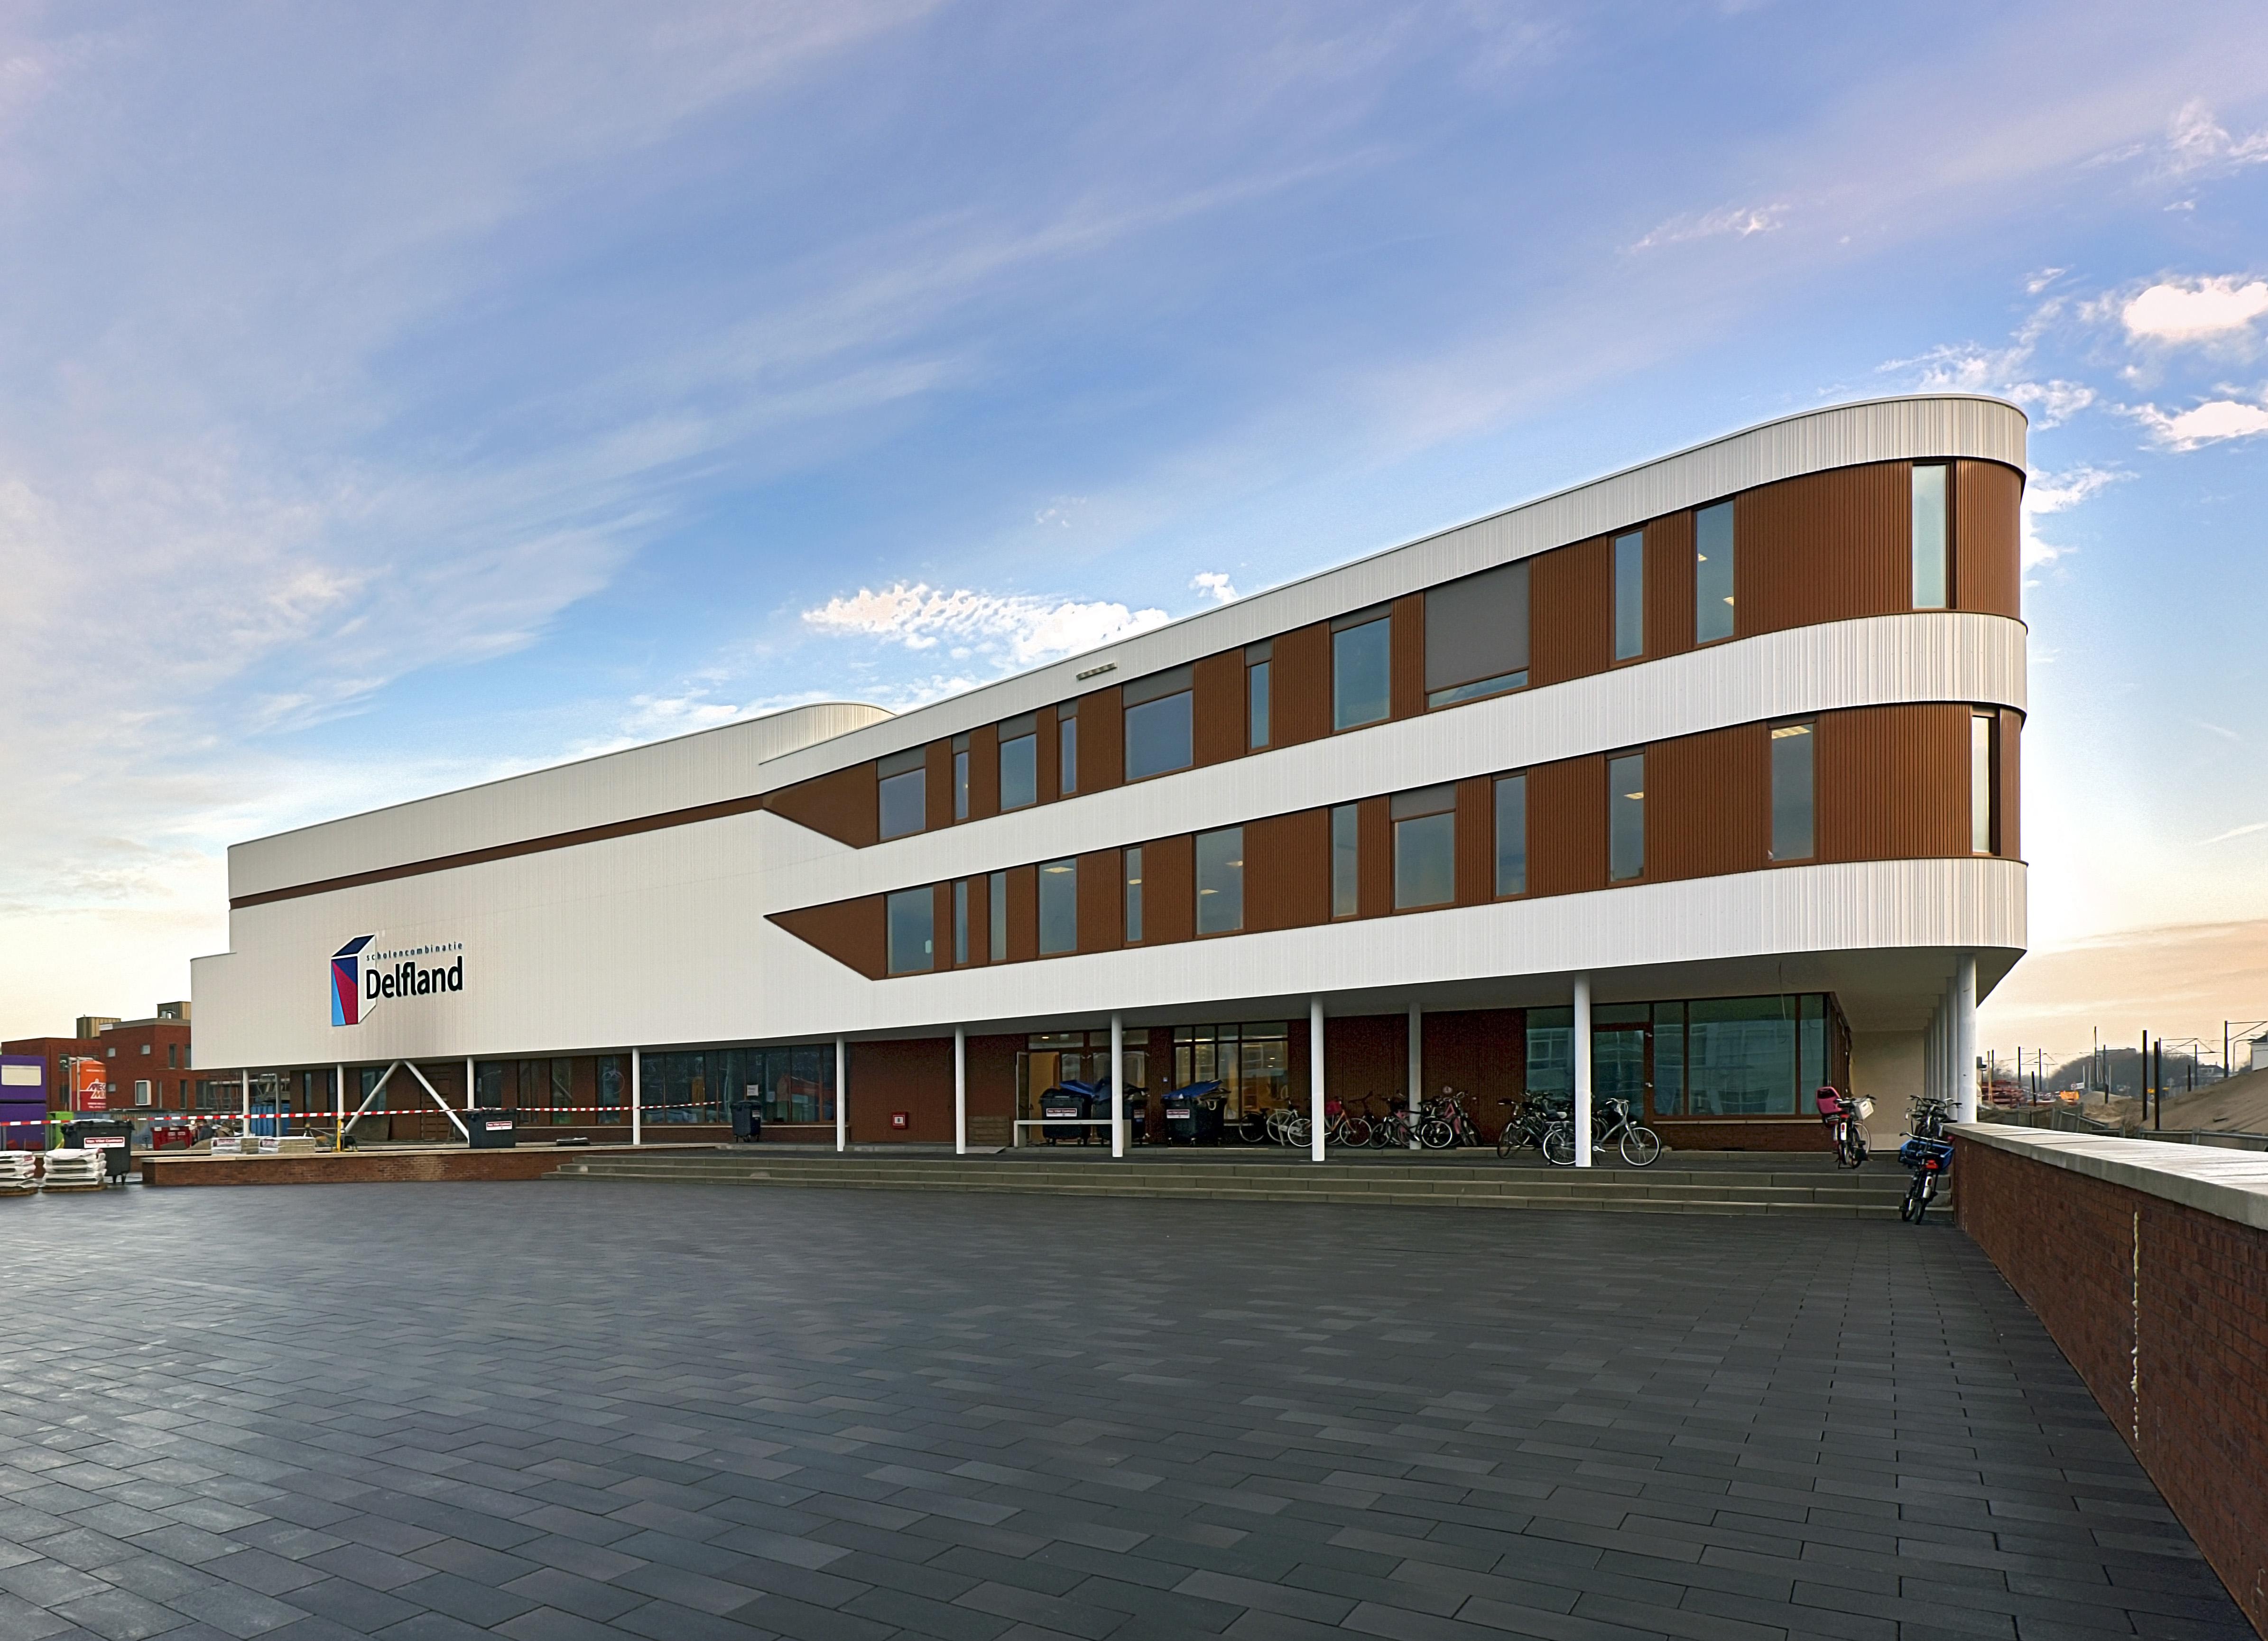 Foto van voorzijde van het Delftland college